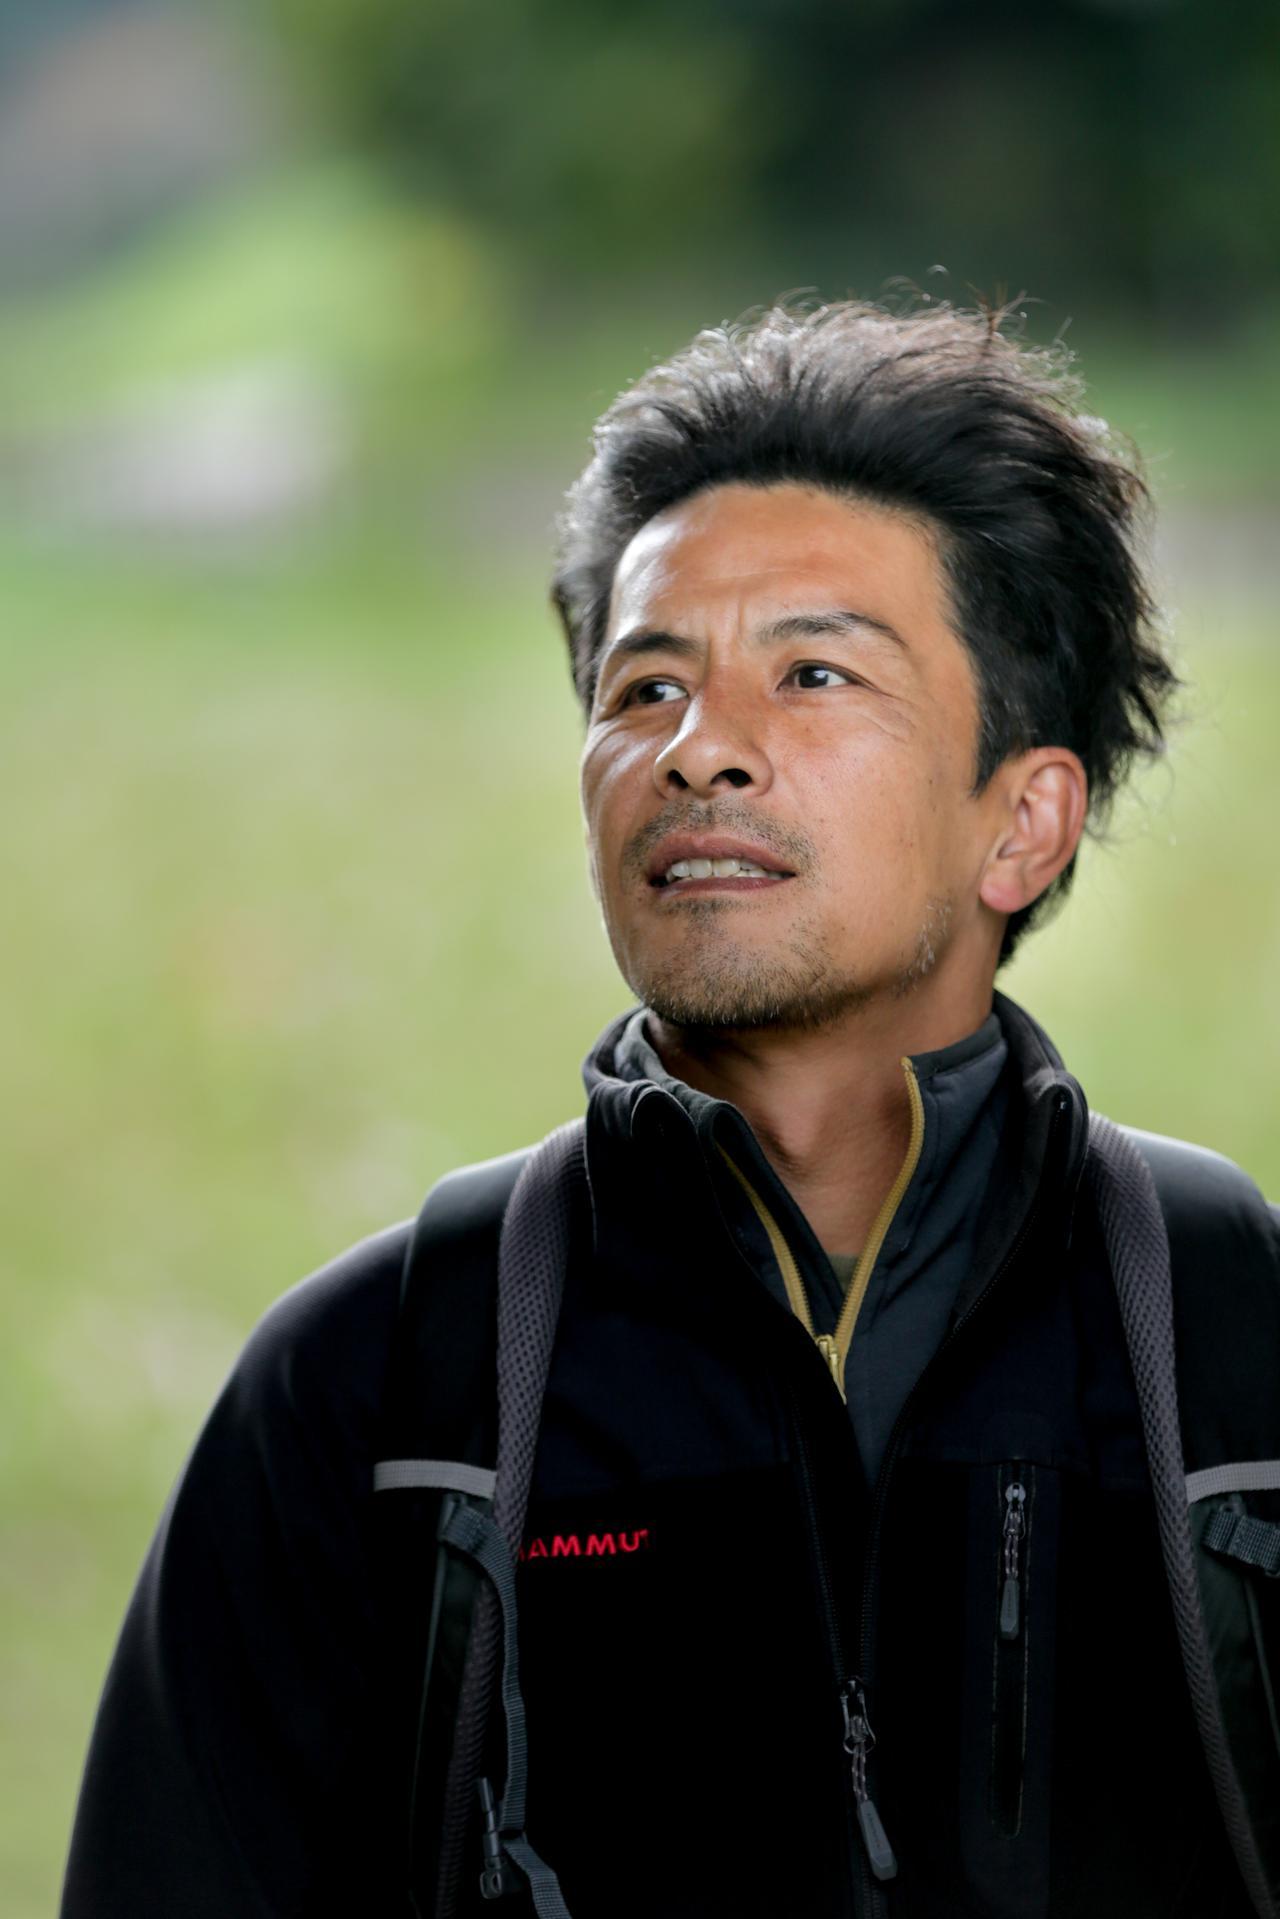 画像: 1971年生まれ。高校生時代、写真家・丸林正則氏と出会い、写真の指導を受ける。東京写真専門学校(現・ビジュアルアーツ)中退後、フリーランスに。心に響く花をテーマに、各種雑誌誌面で作品を発表。公益社団法人日本写真家協会、公益社団法人日本写真協会、日本自然科学写真協会会員。